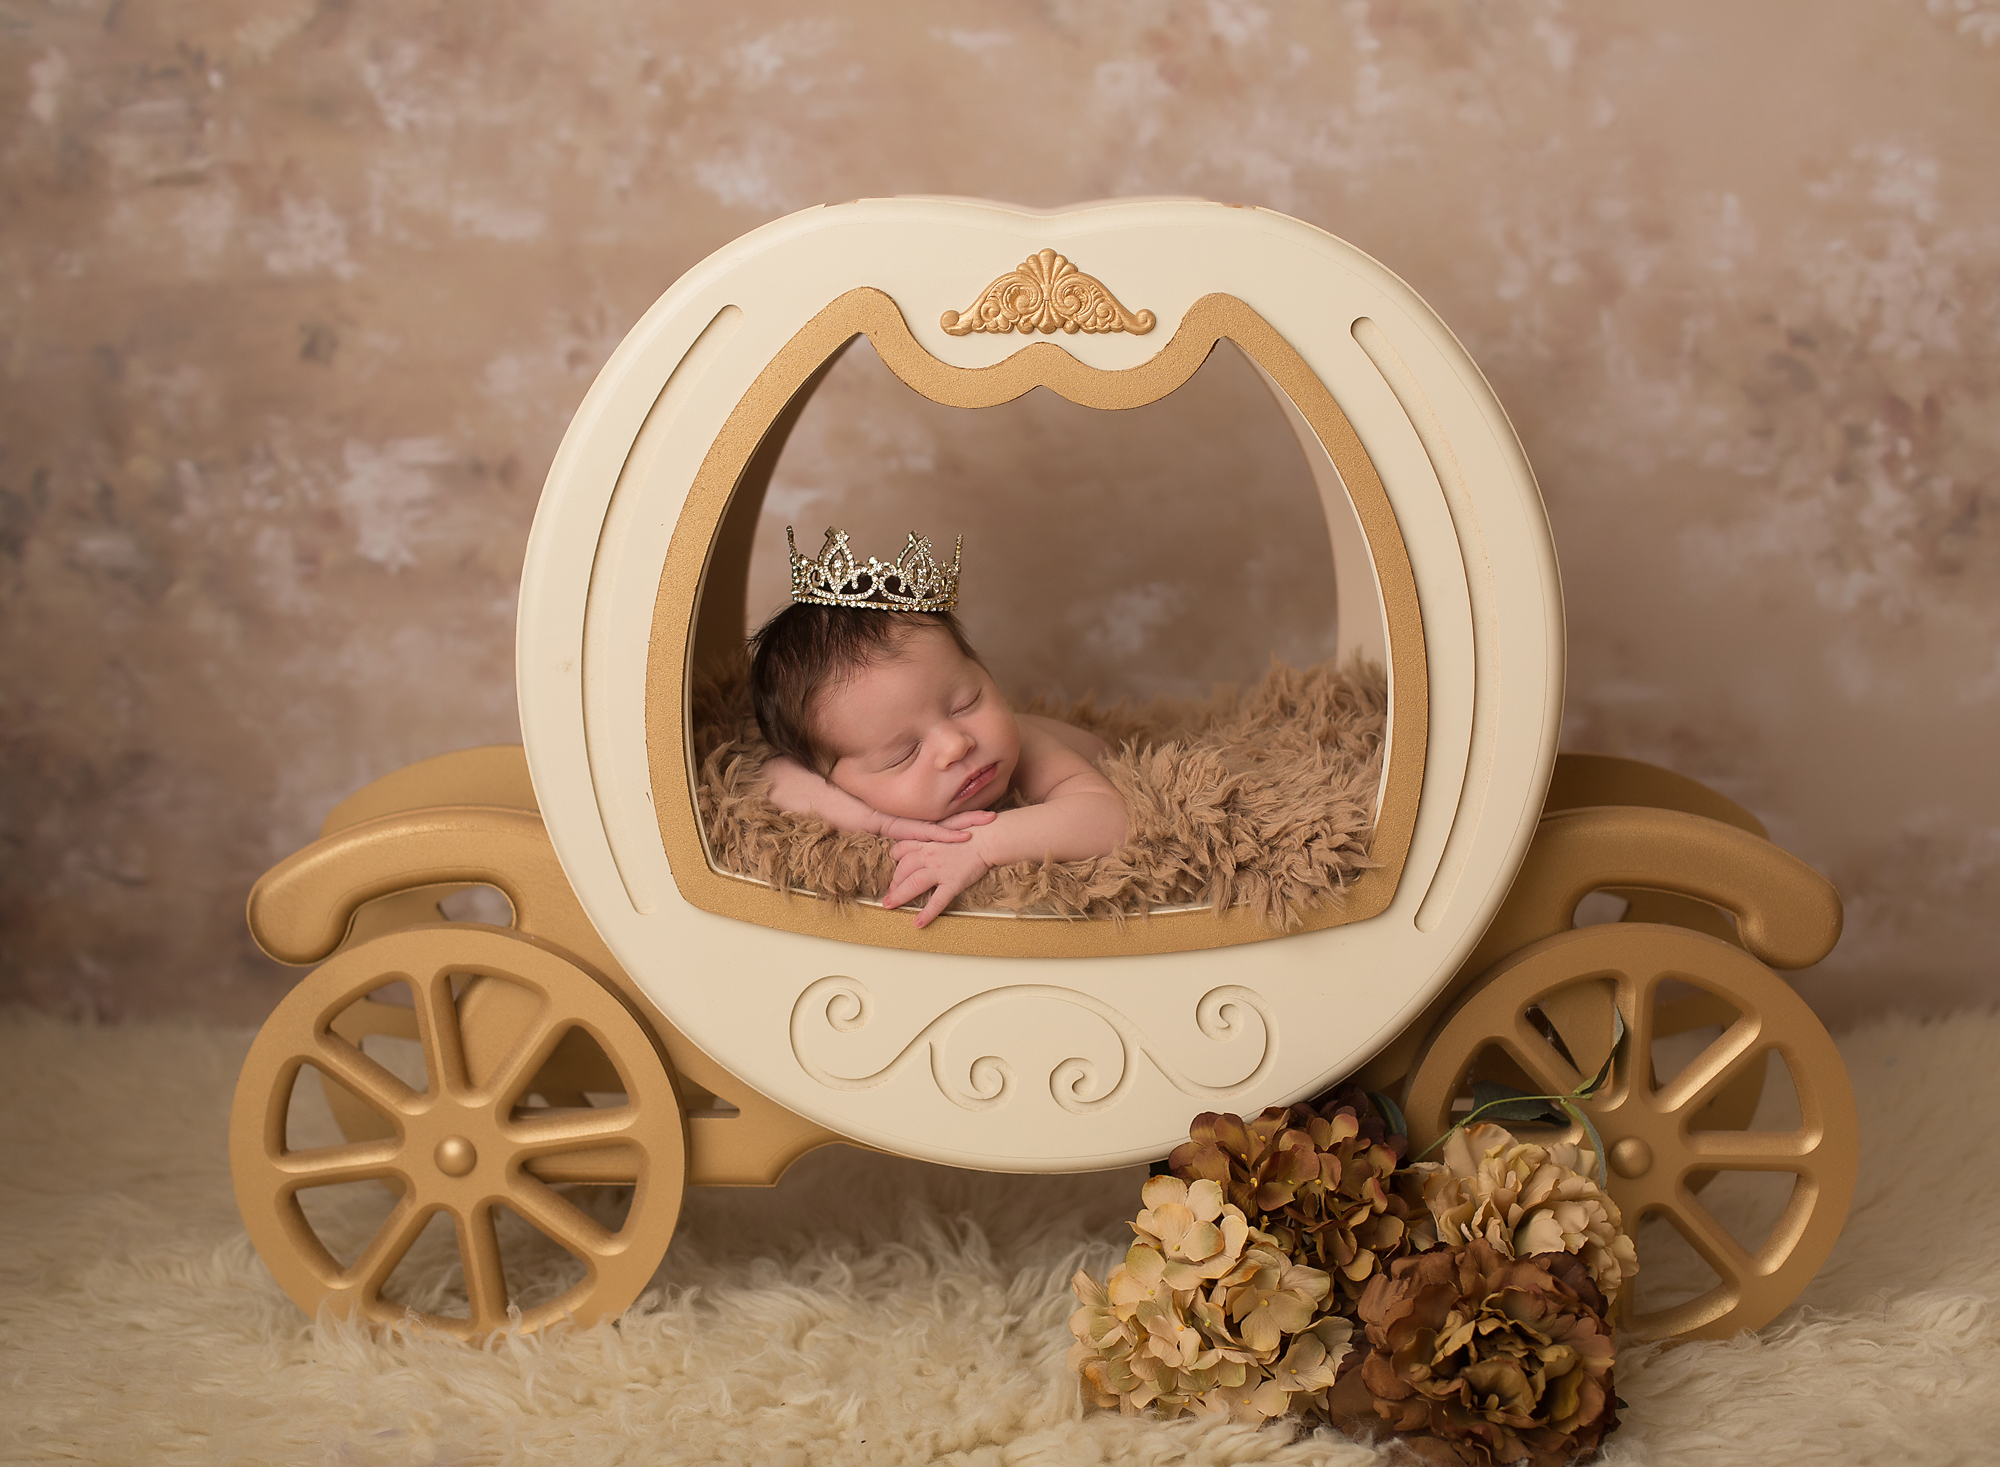 shawnee newborn pictures